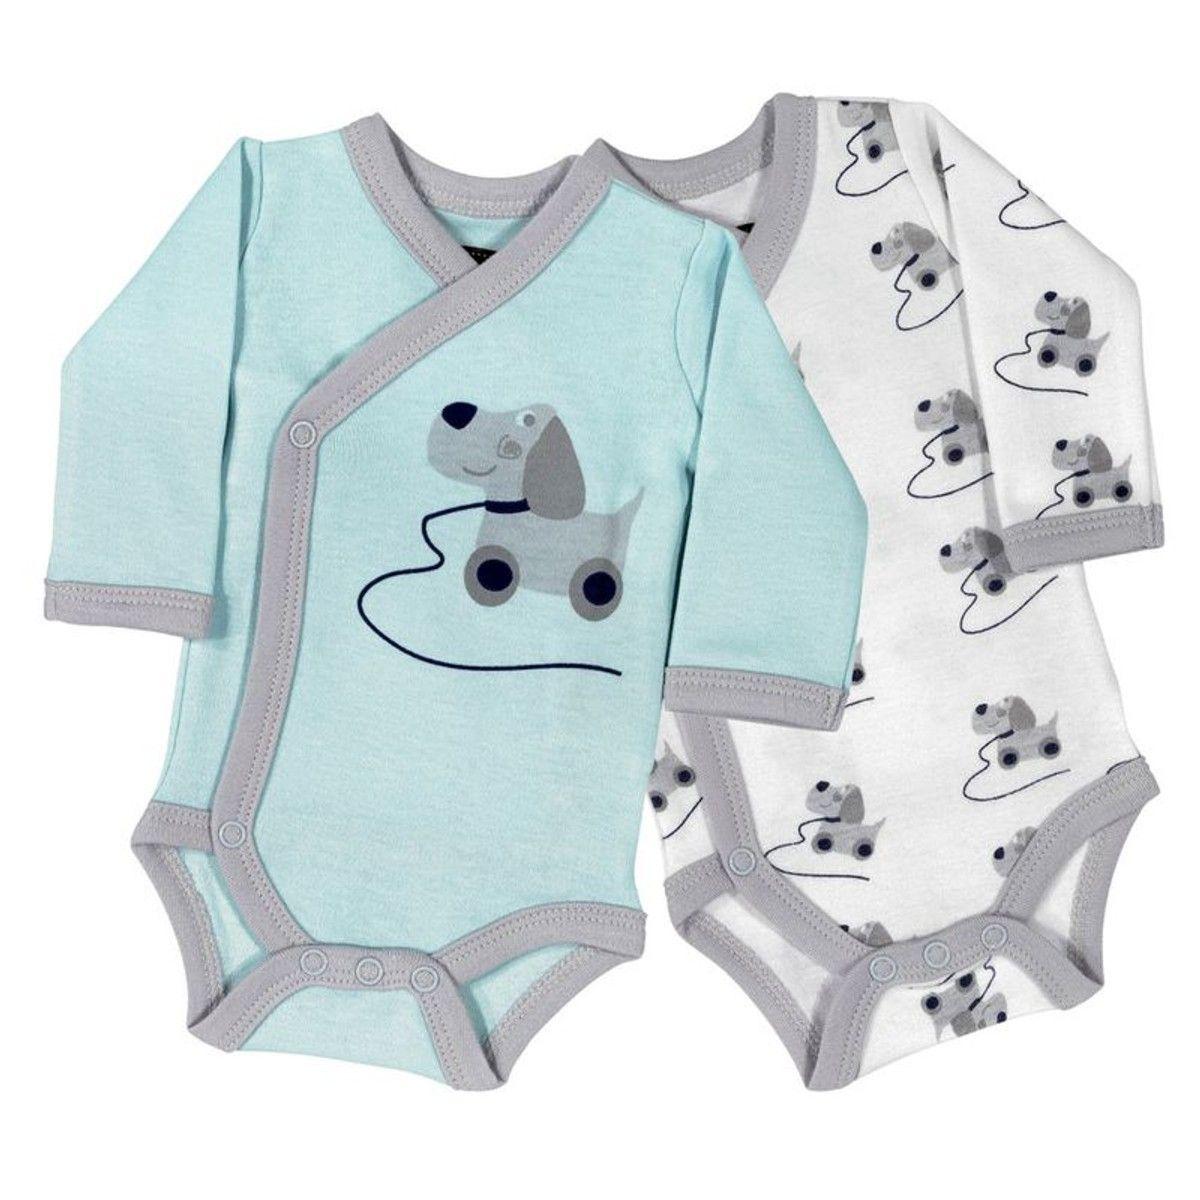 Mignon Bébé Nouveau-Né Bébé Garçon Long Combinaison Ange Body en Coton Vêtements Outfit